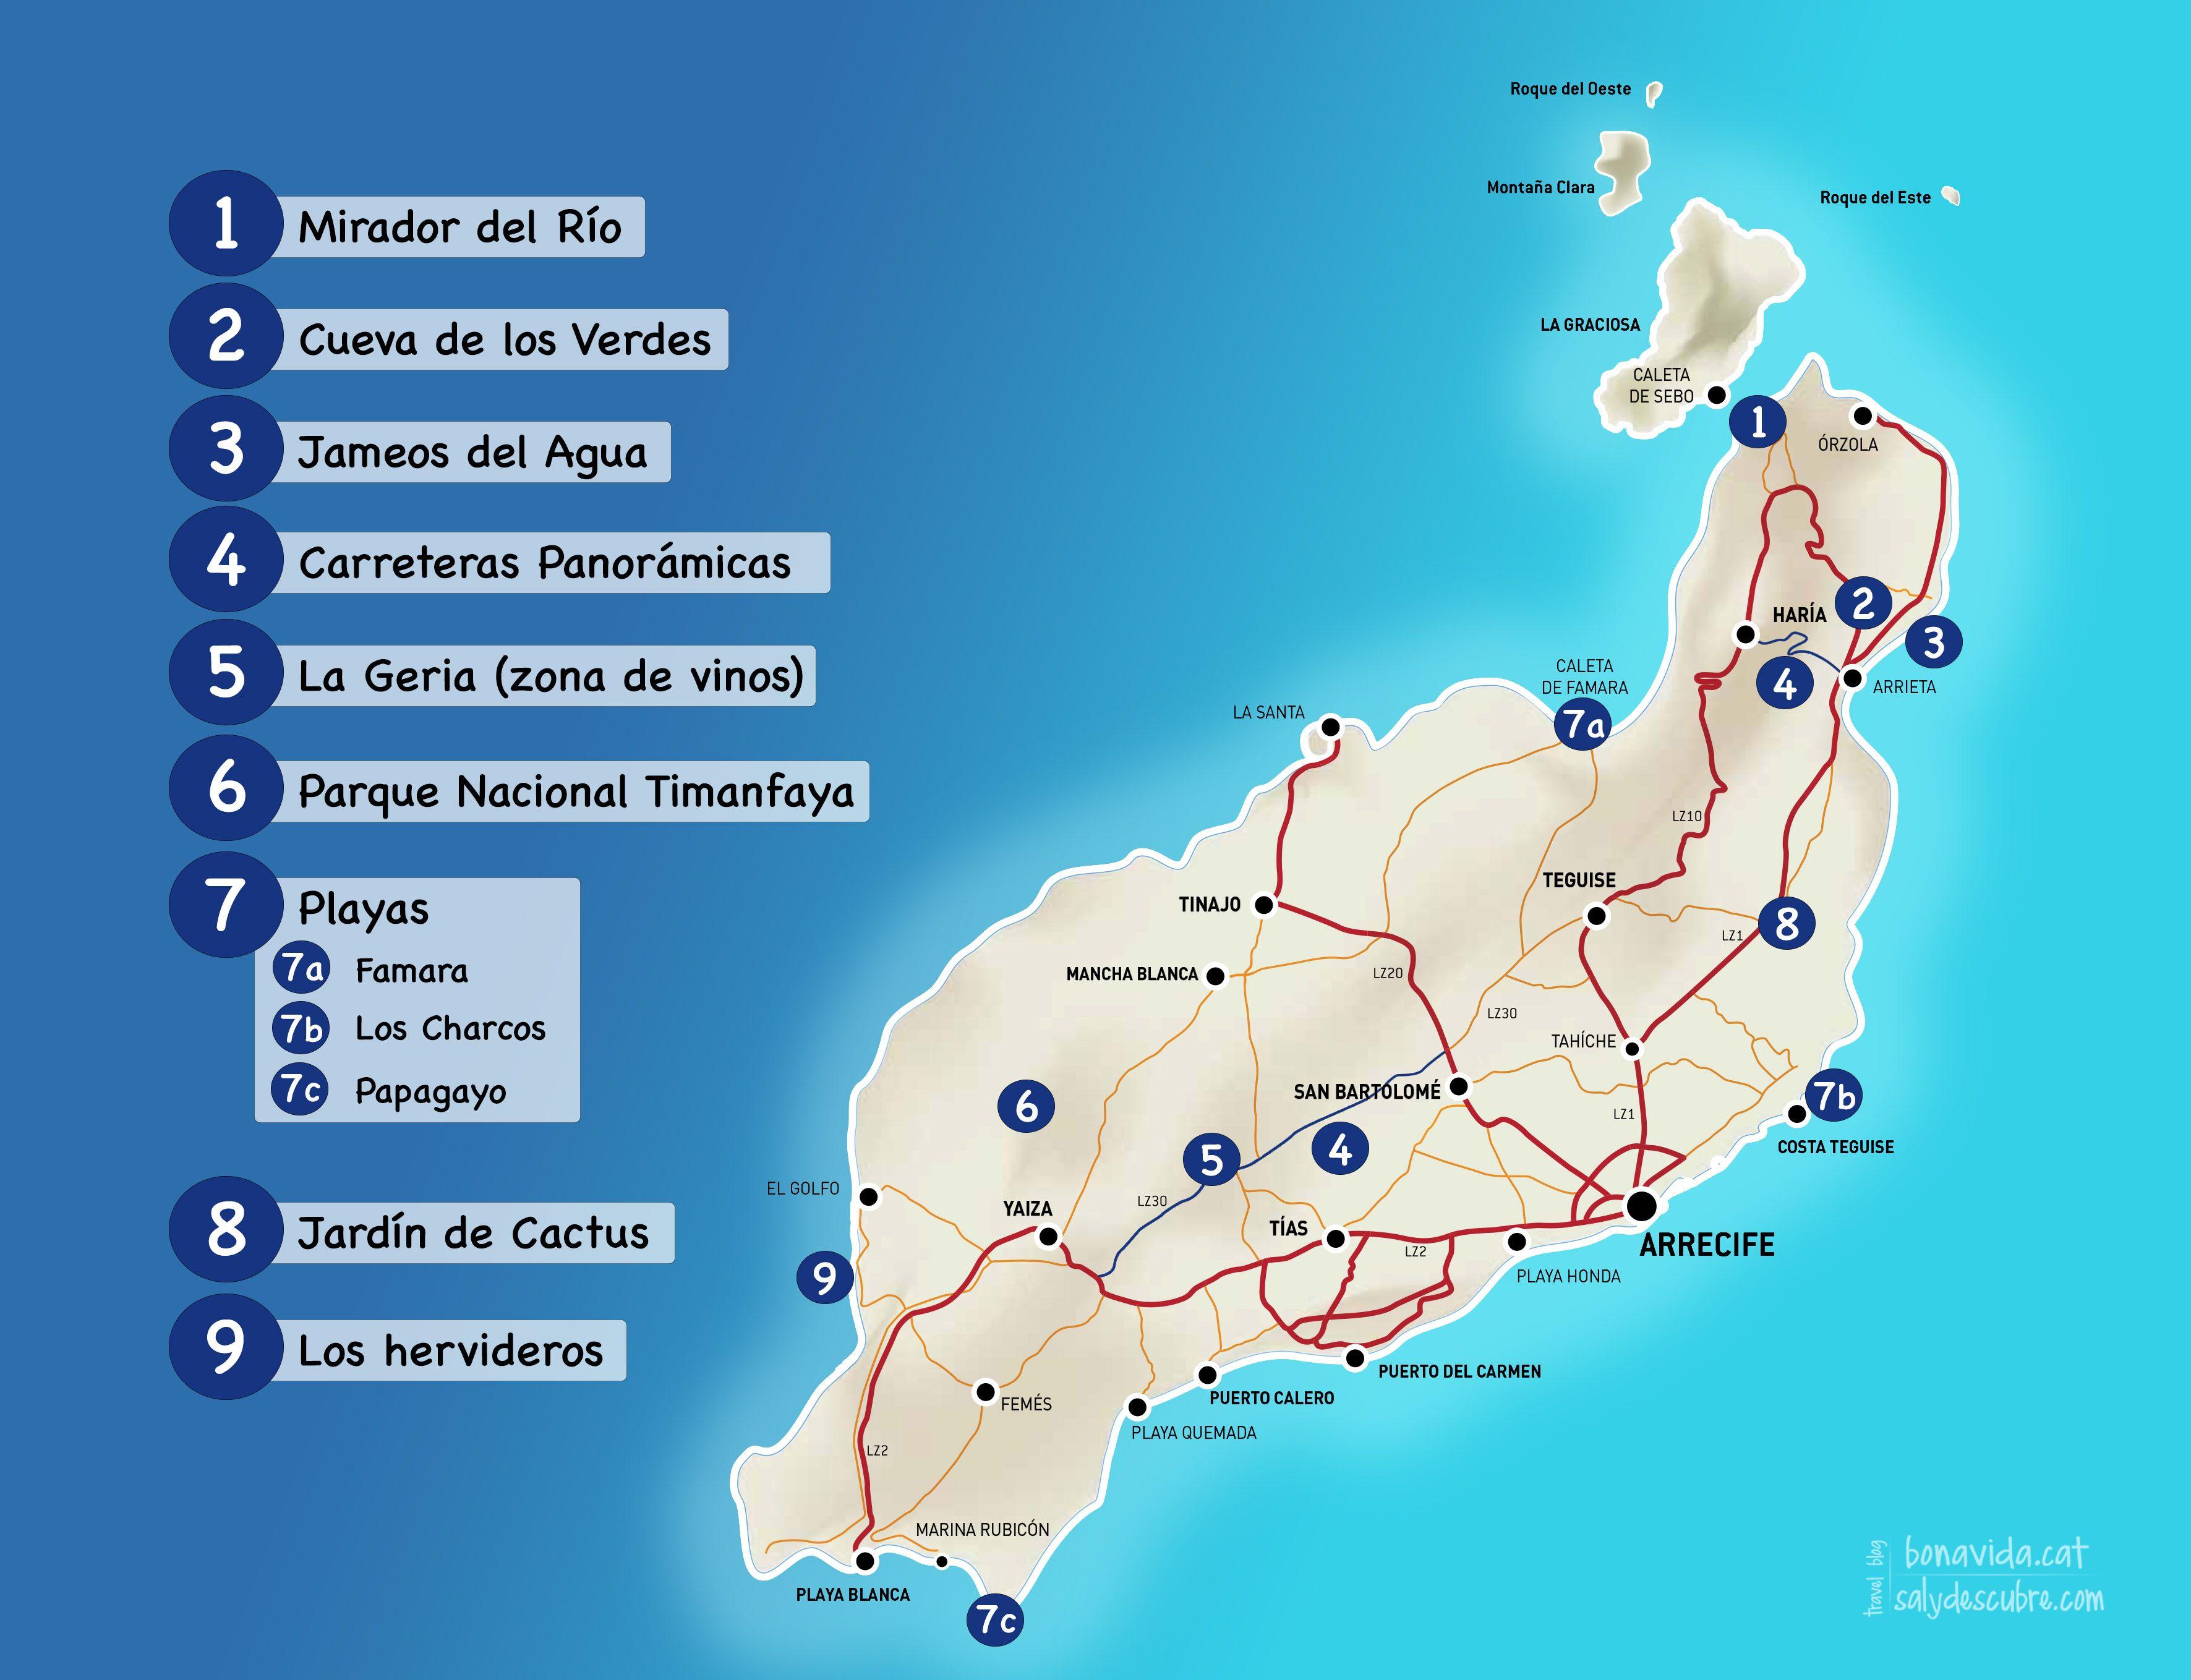 lanzarote mapa mapa lanzarote esp. (3543×2717) | Lanzarote | Pinterest lanzarote mapa